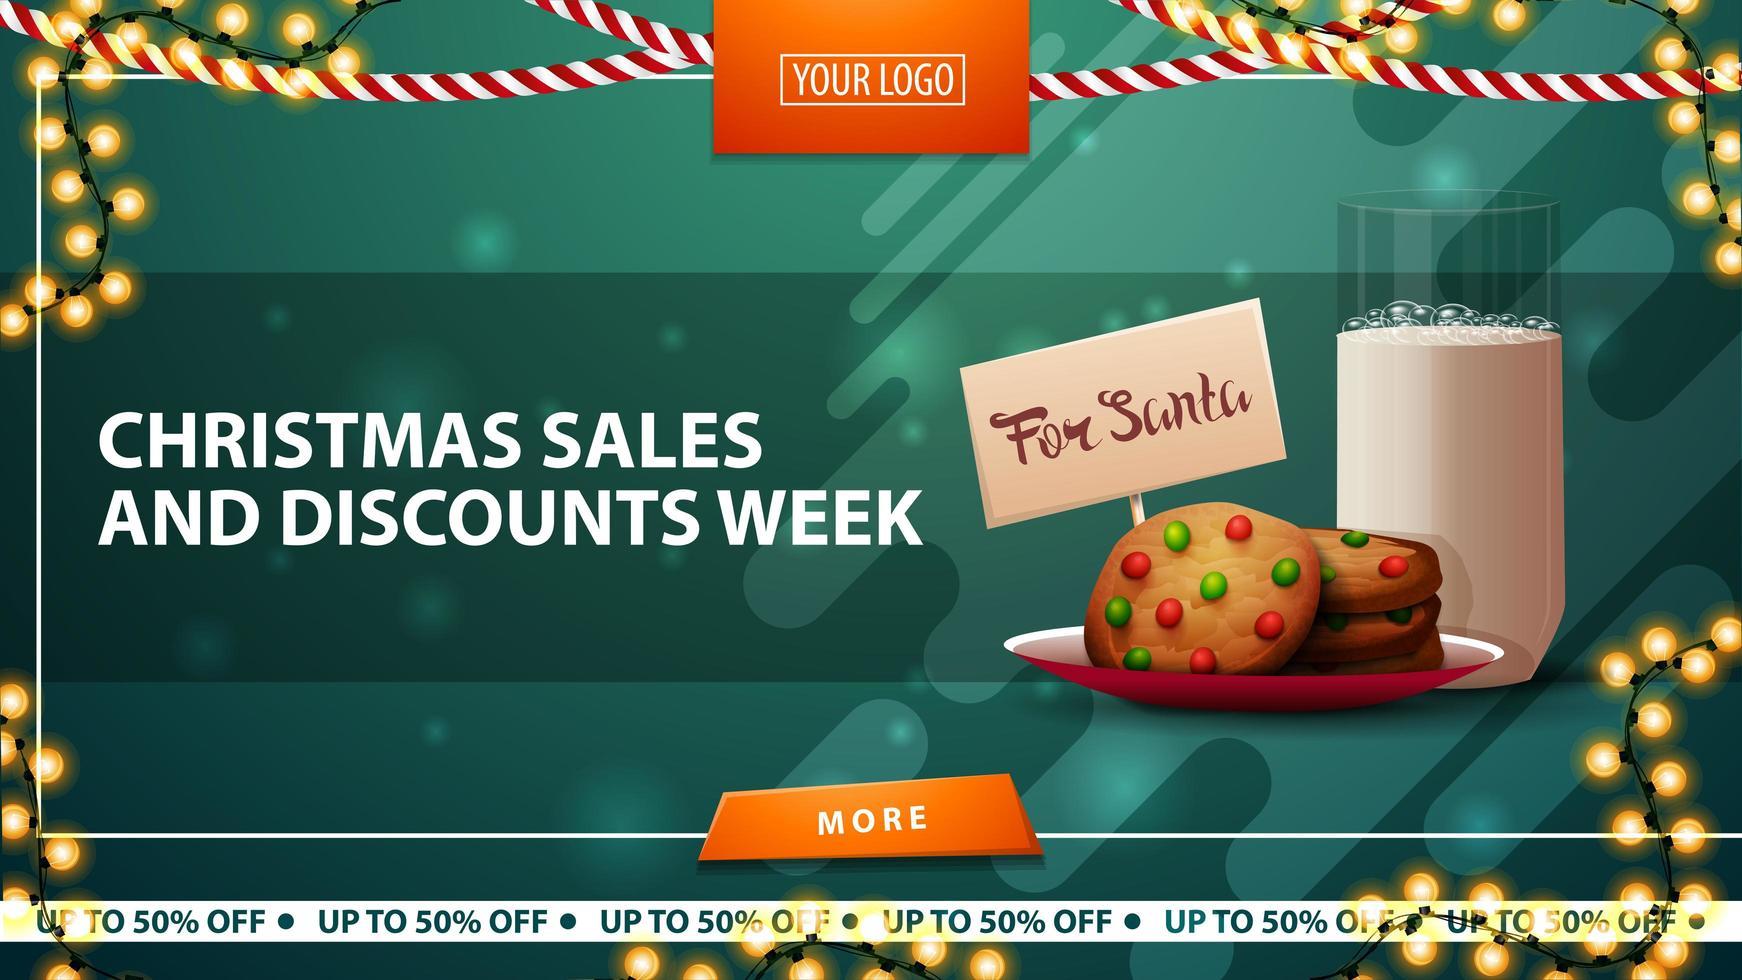 Weihnachtsverkauf und Rabattwoche, horizontales grünes Rabattbanner mit Girlanden, orangefarbenem Knopf und Keksen mit einem Glas Milch für den Weihnachtsmann vektor